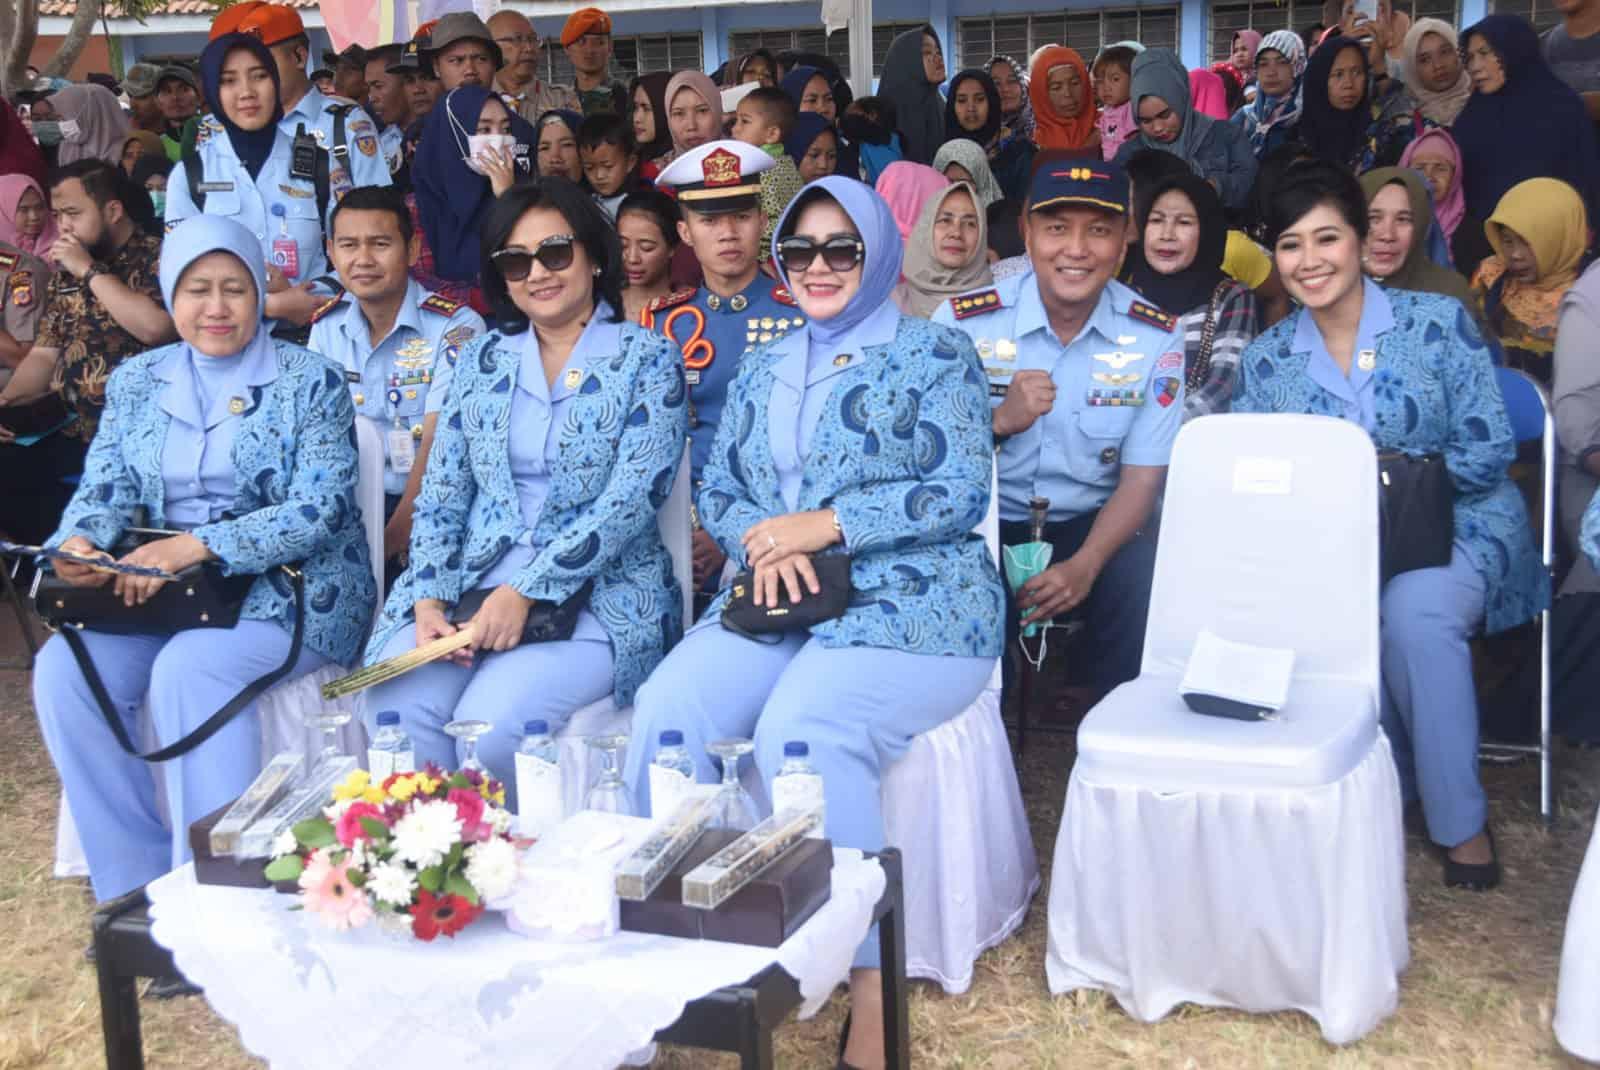 Komandan Lanud Wiriadinata Dan Ketua Pia Ardhya Garini Cabang 7/d.i Lanud Wiriadinata Menghadiri Acara Puncak Karya Bakti Tni Au 2019